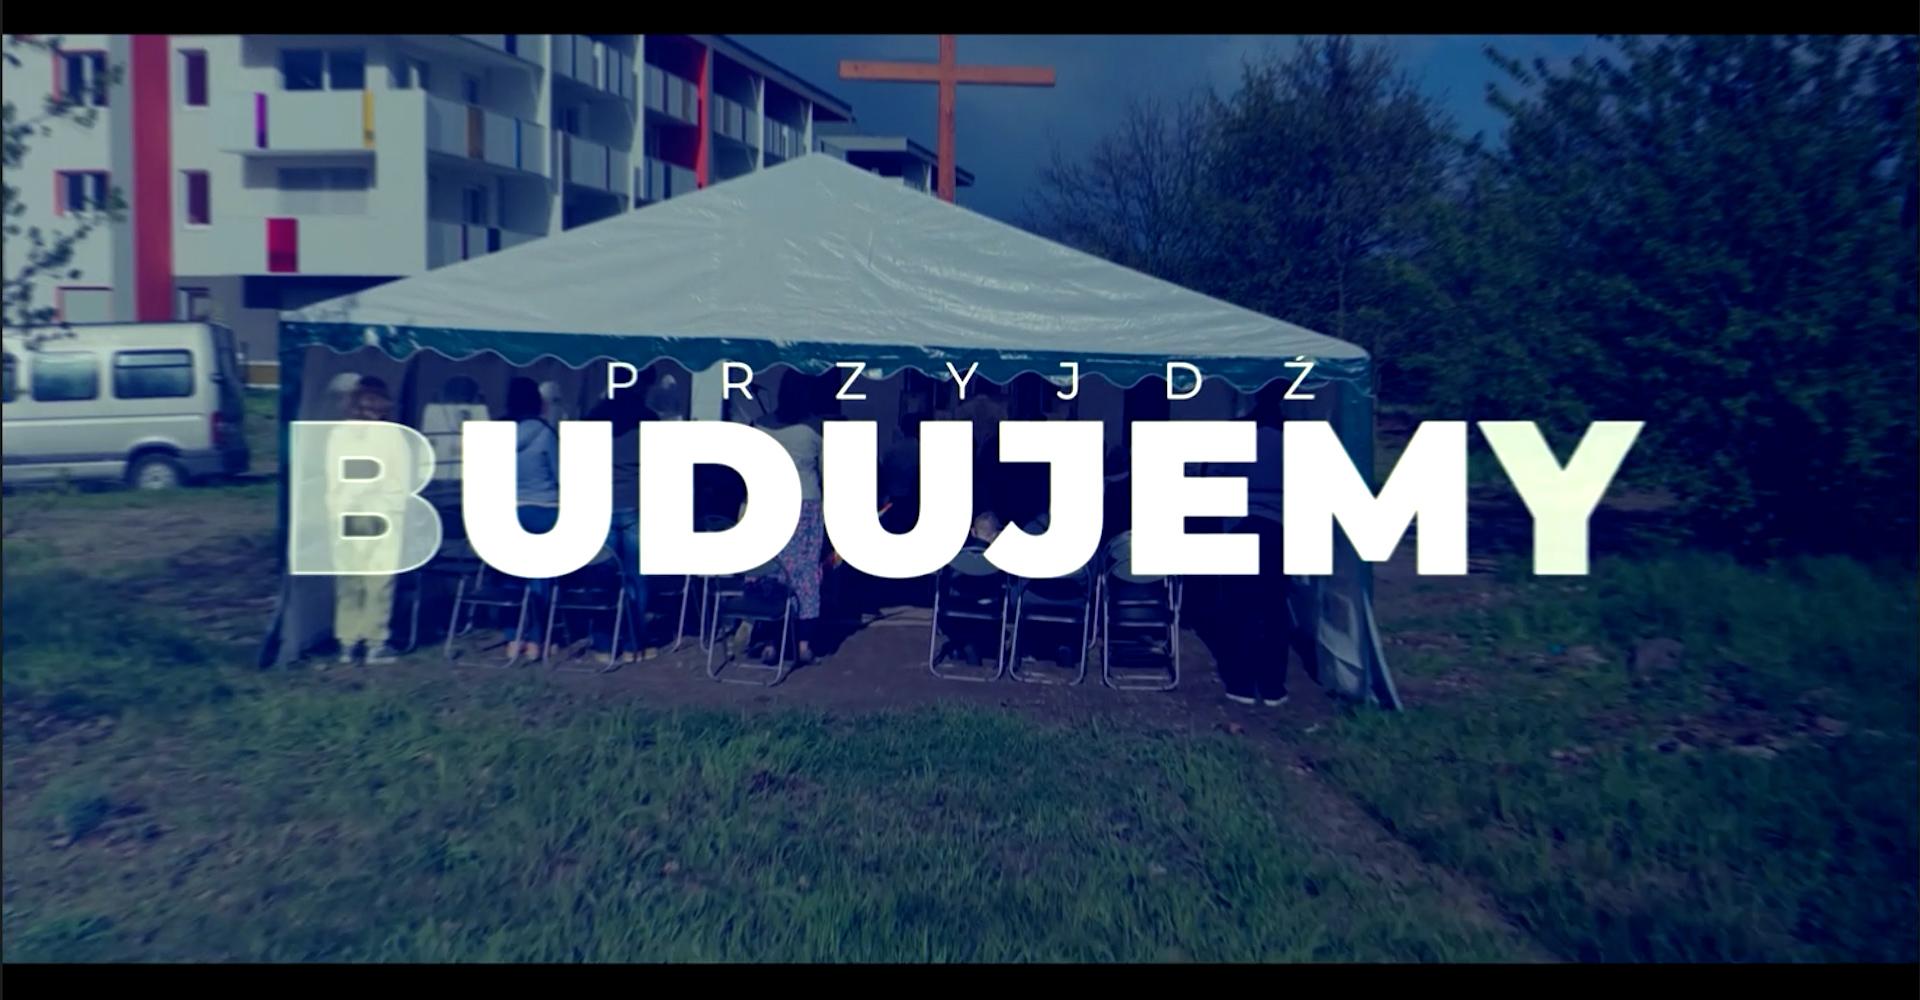 Budujemy Parafie Bł. Ks. Jerzego Popiełuszki w Szczecinie (1)